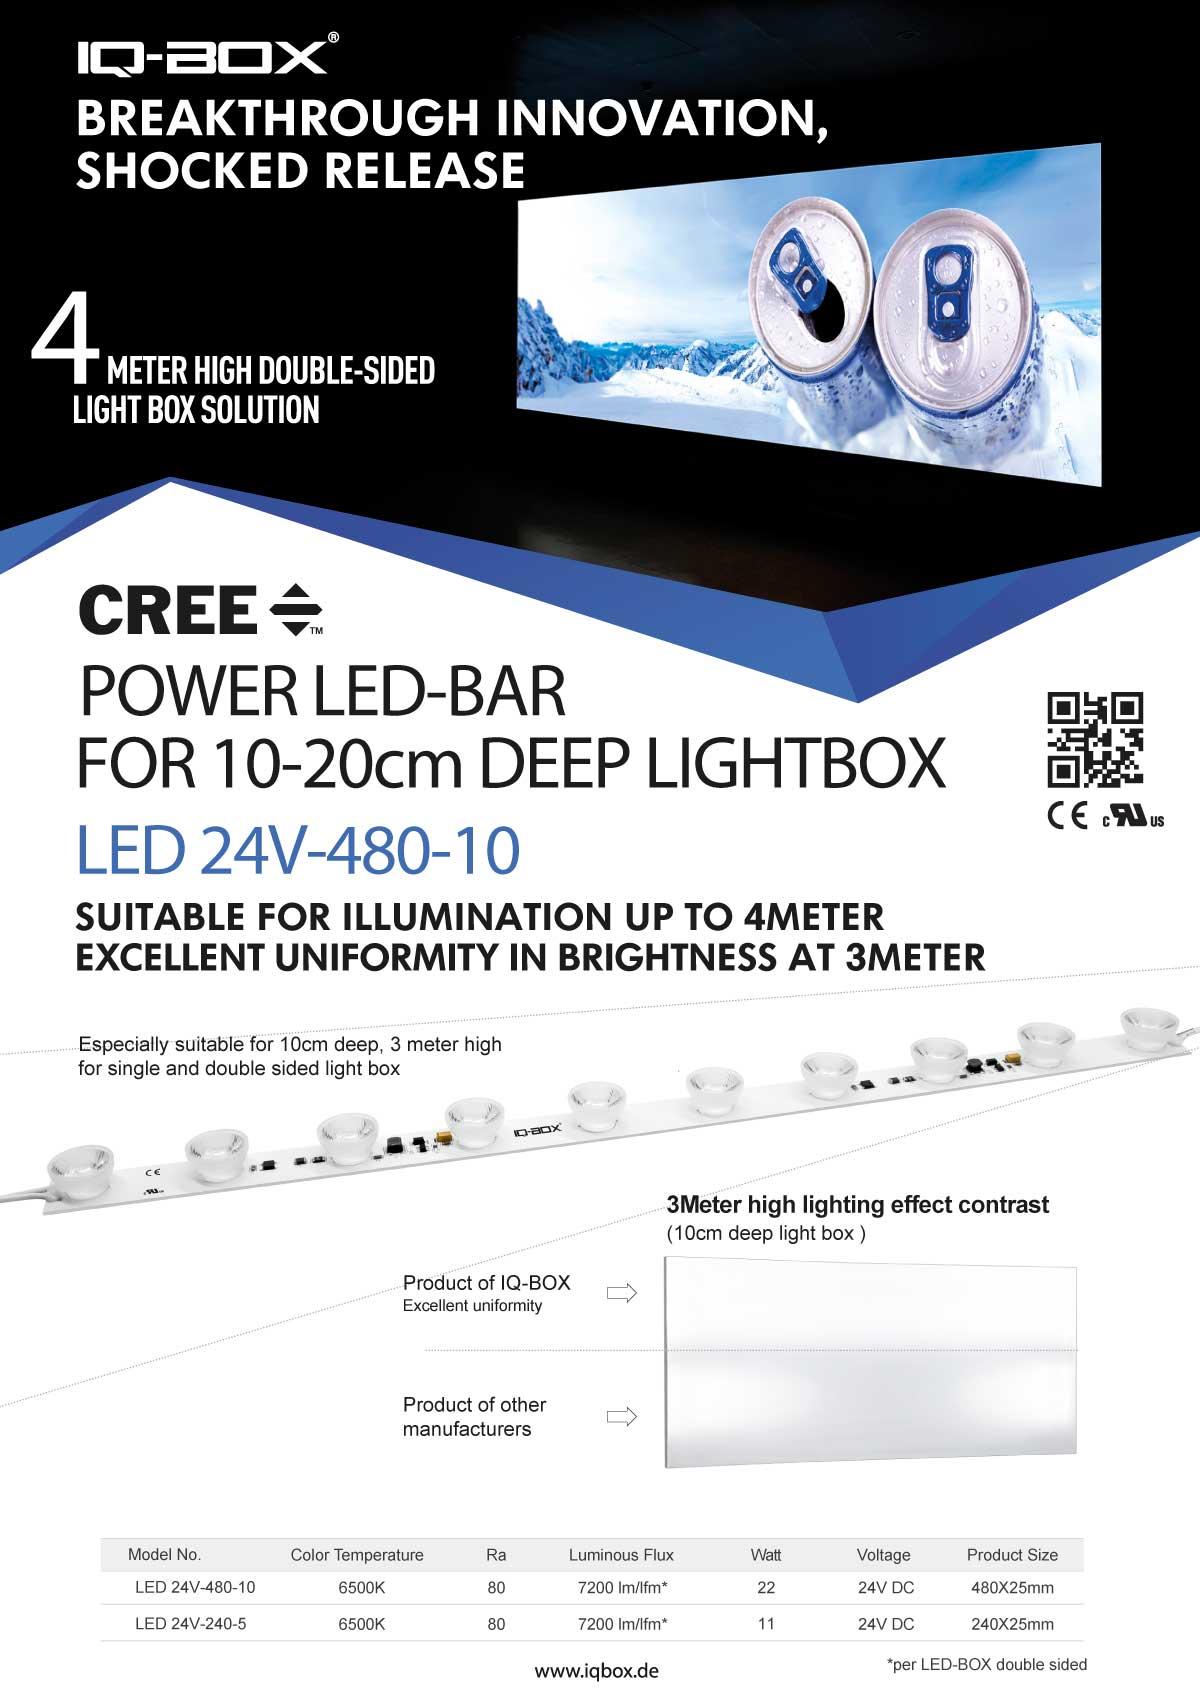 LED-24V-480-10_web_1200px